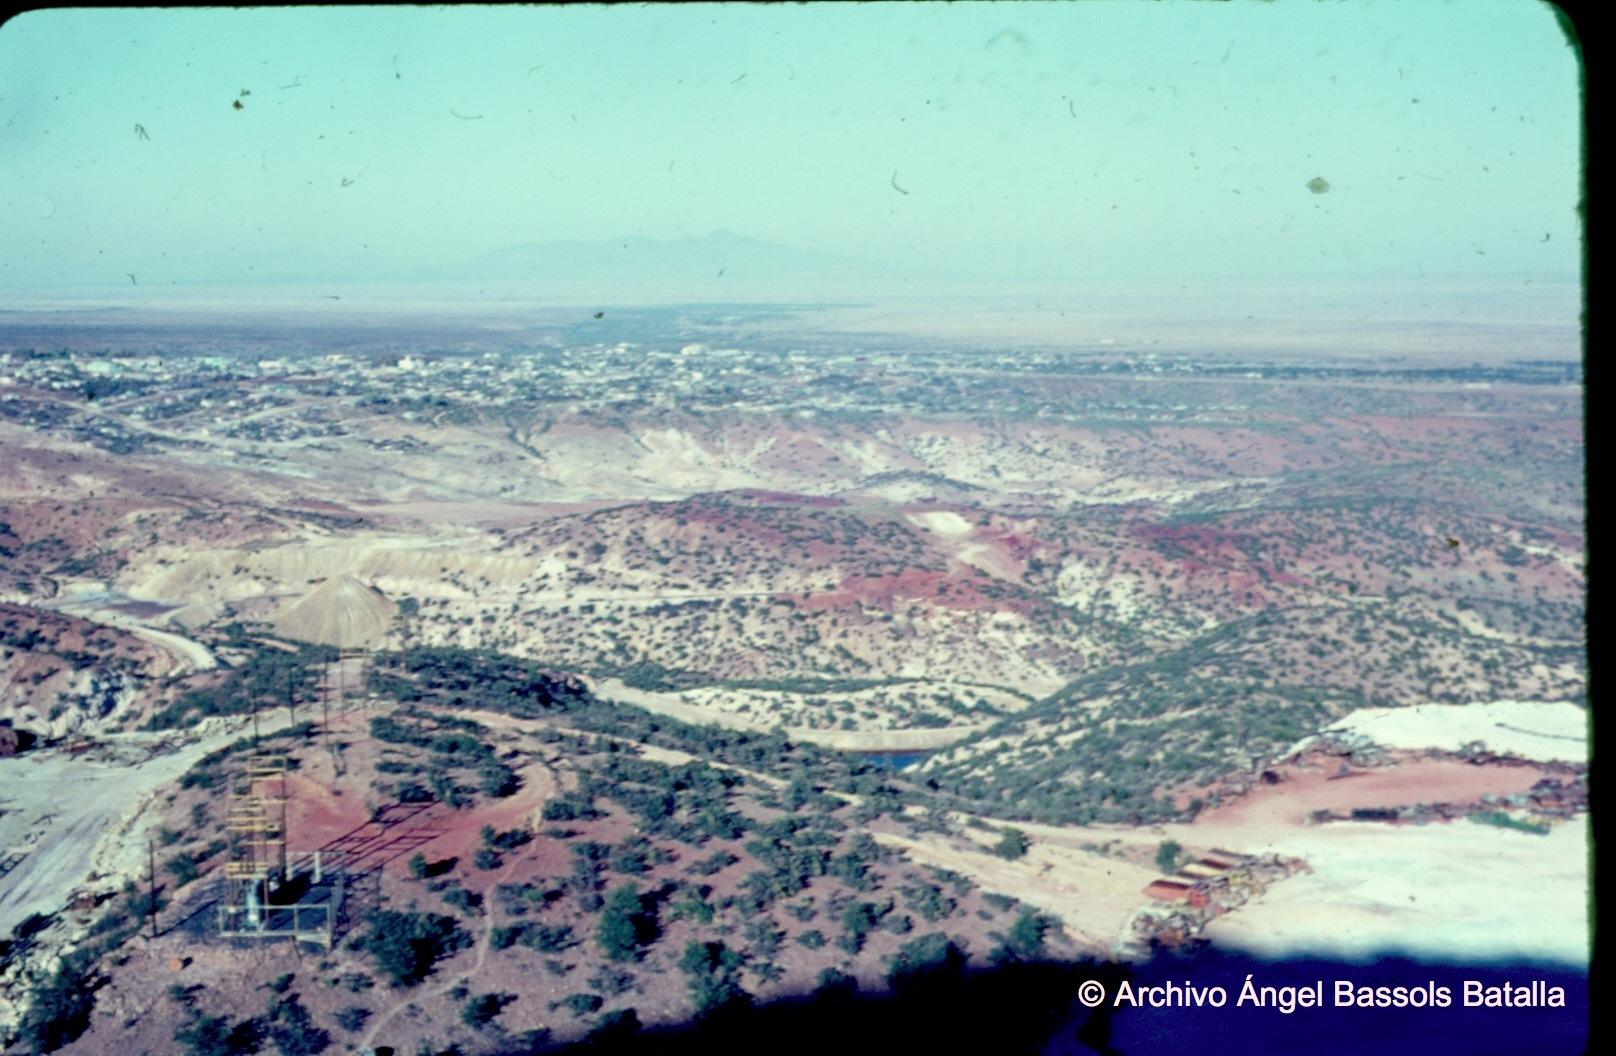 La mesa de Cananea desde El Mineral